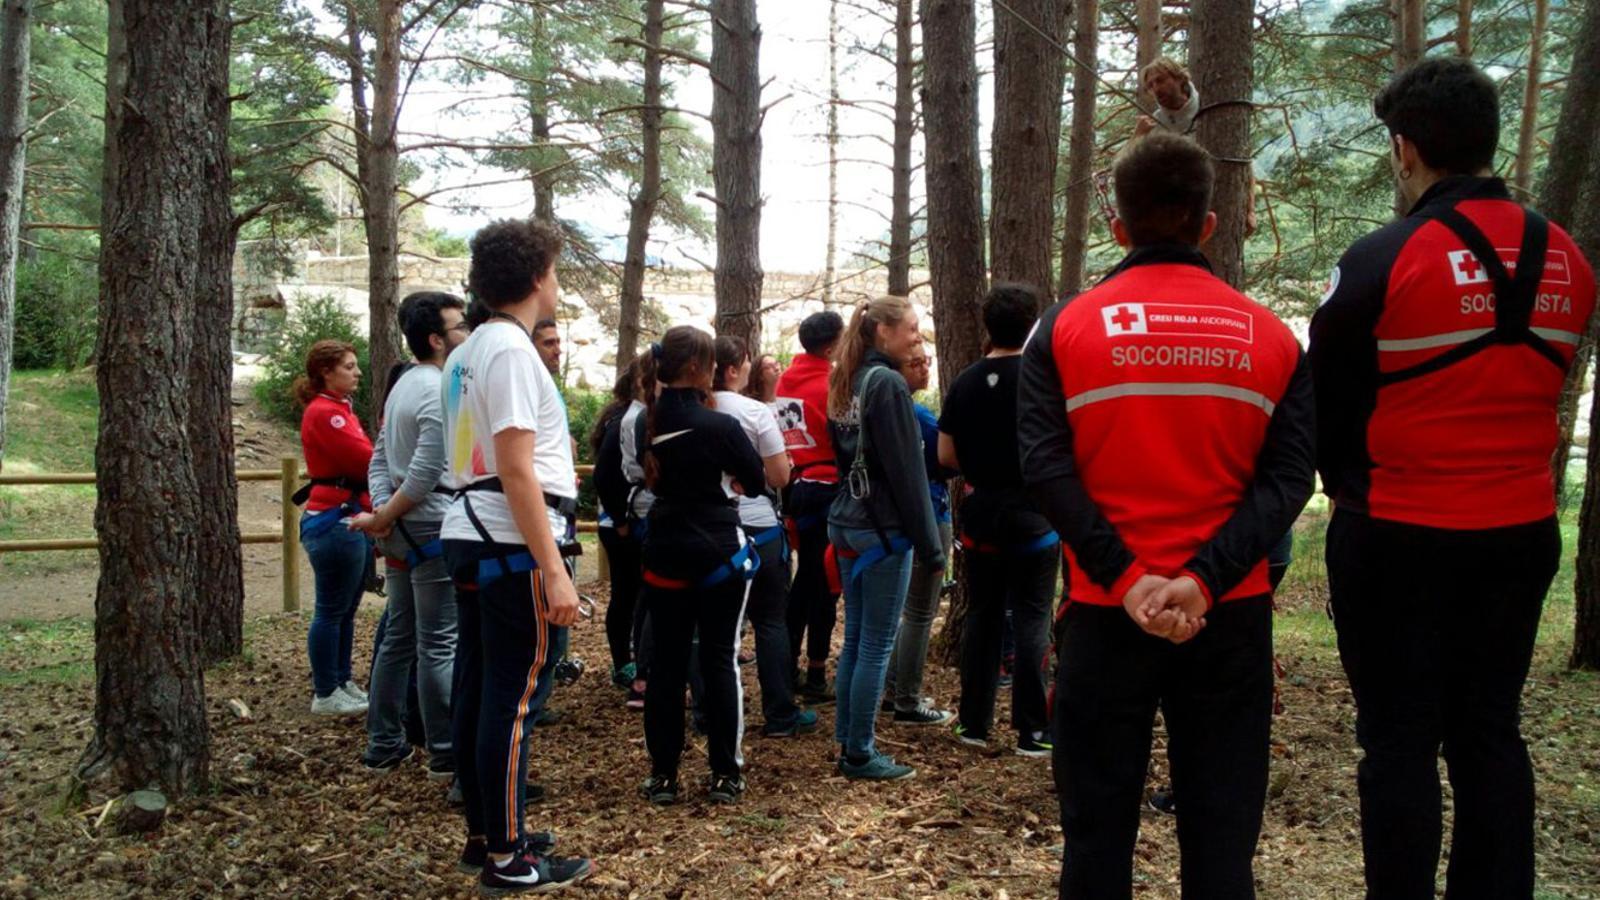 Personal de la Creu Roja en una activitat amb voluntaris. / CREU ROJA